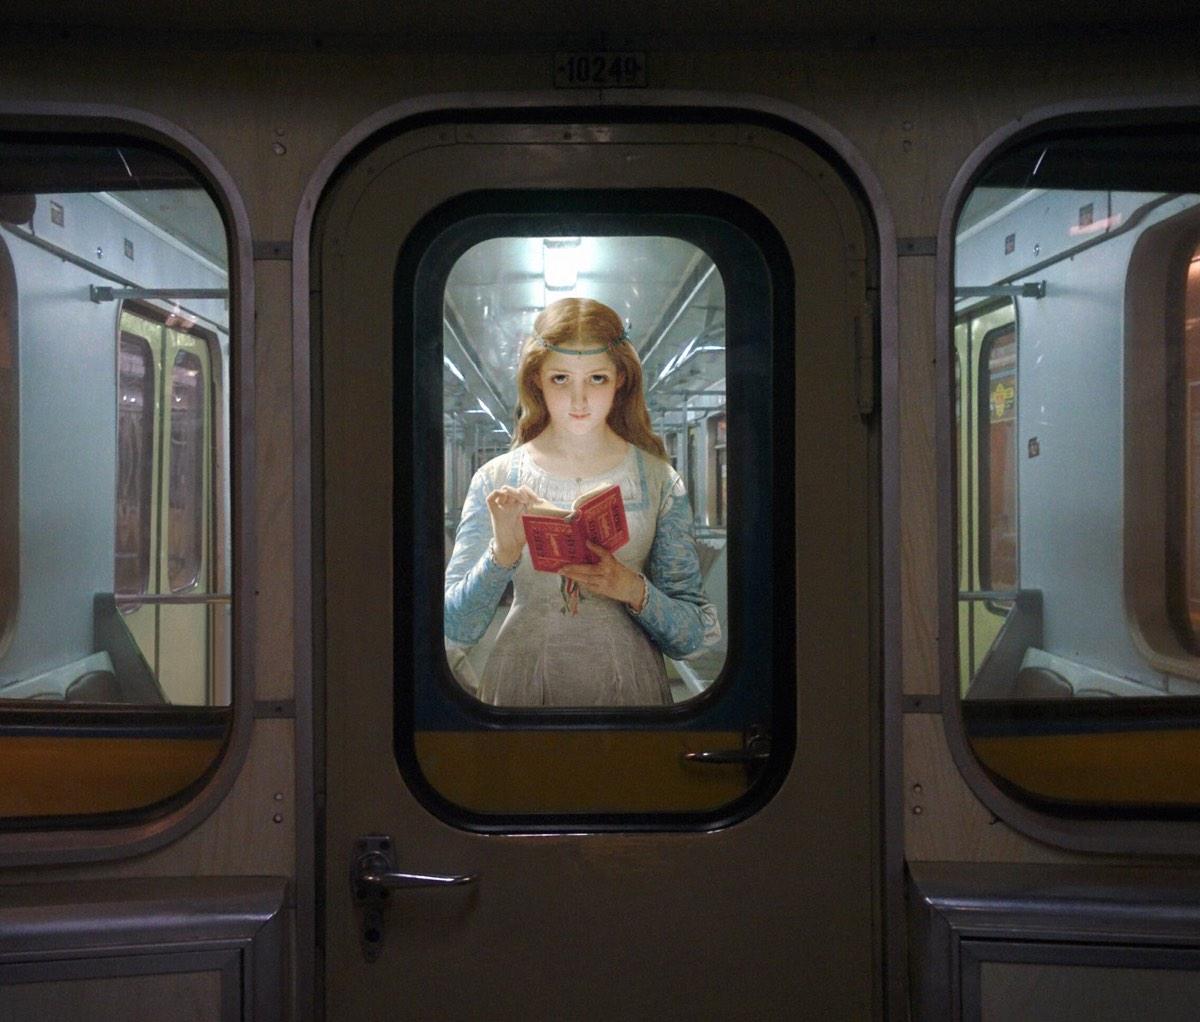 AlexeyKondakov collage detournement instagram tableaux peintures artclassique creatif metro bible ange - Les héros classiques squattent l'espace urbain grâce aux collages d'Alexey Kondakov